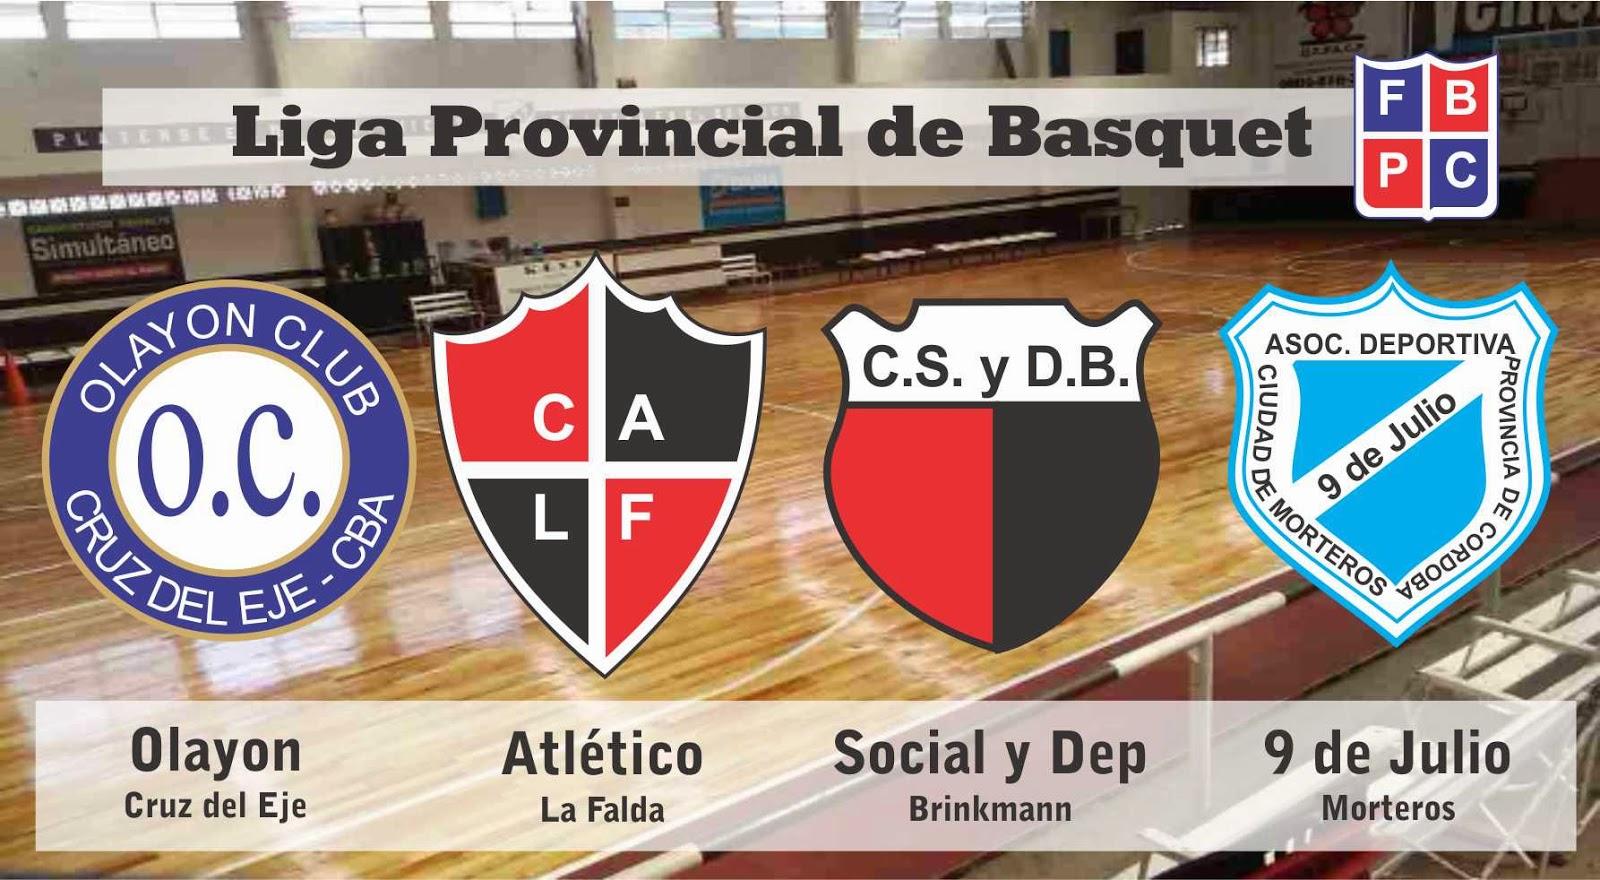 La liga de Córdoba se viste de Rojo y Negro